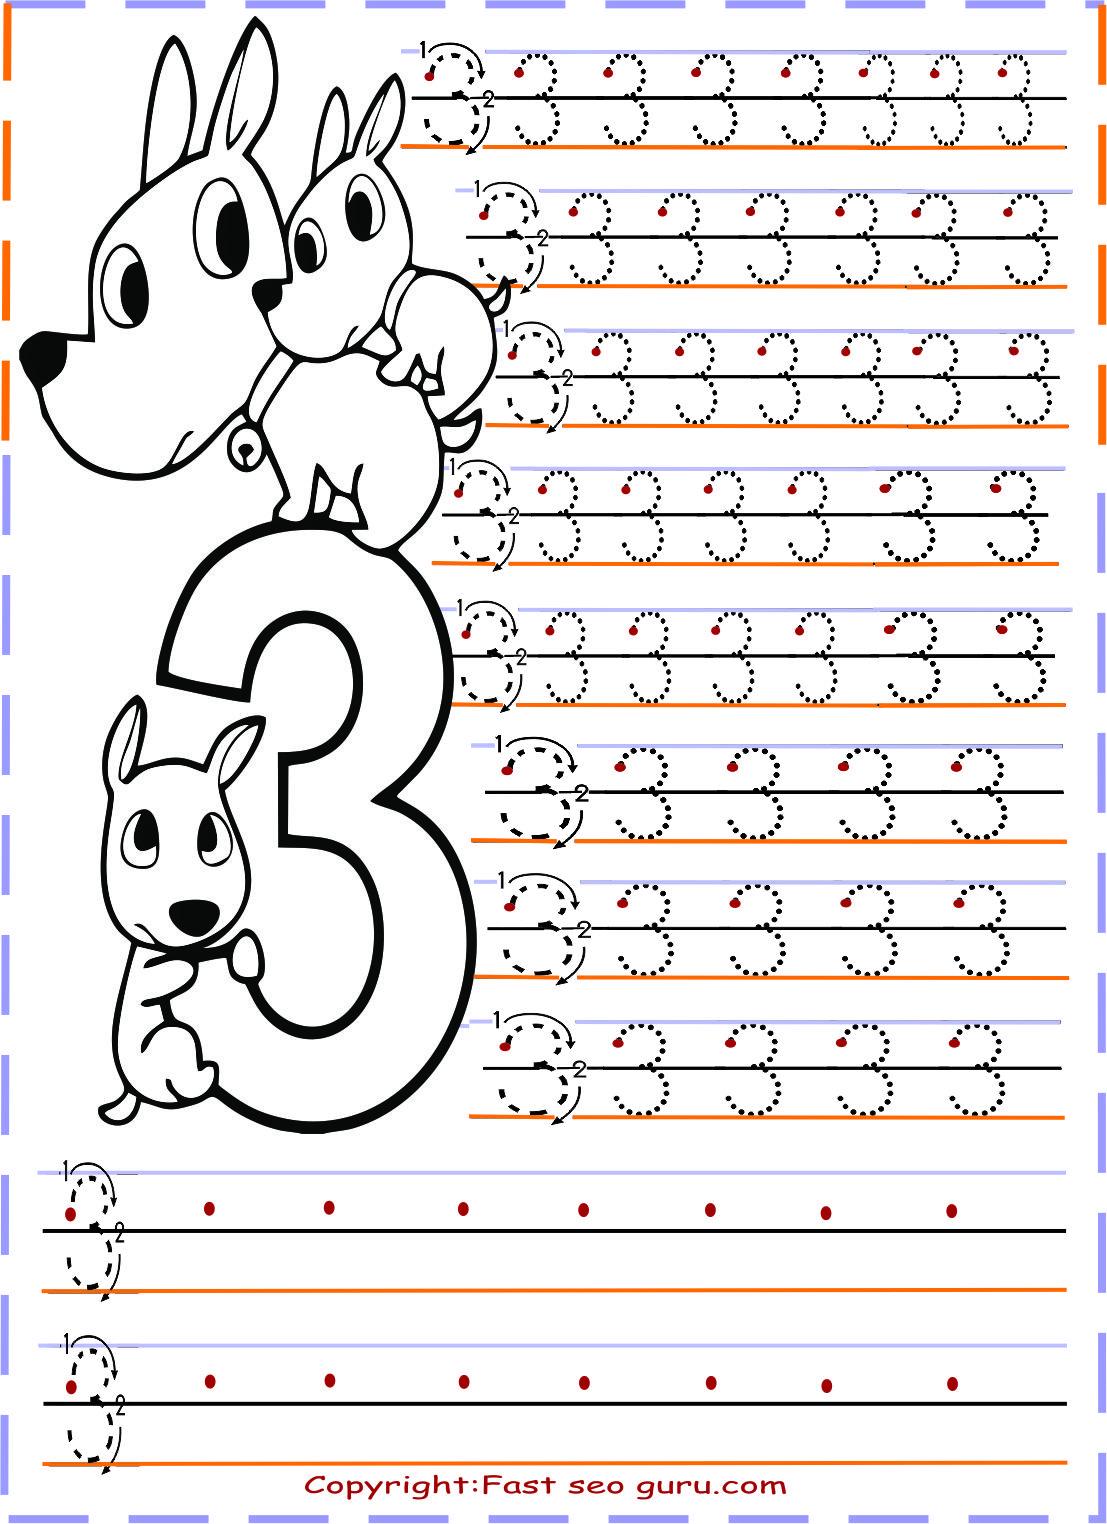 Pin By Samantha On Maths